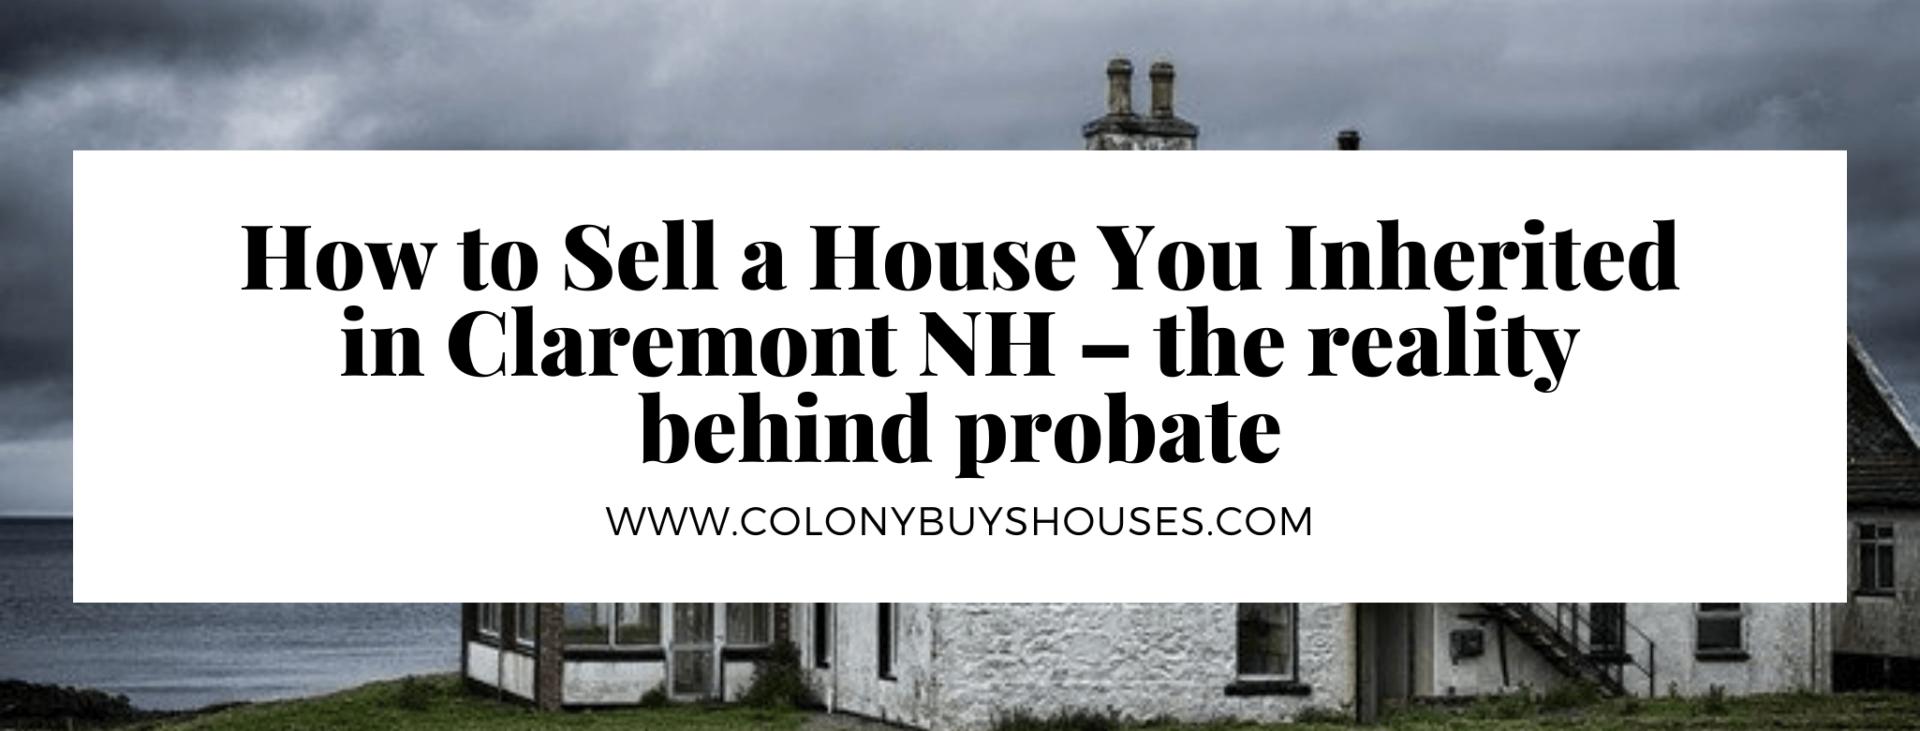 we buy properties in Claremont NH